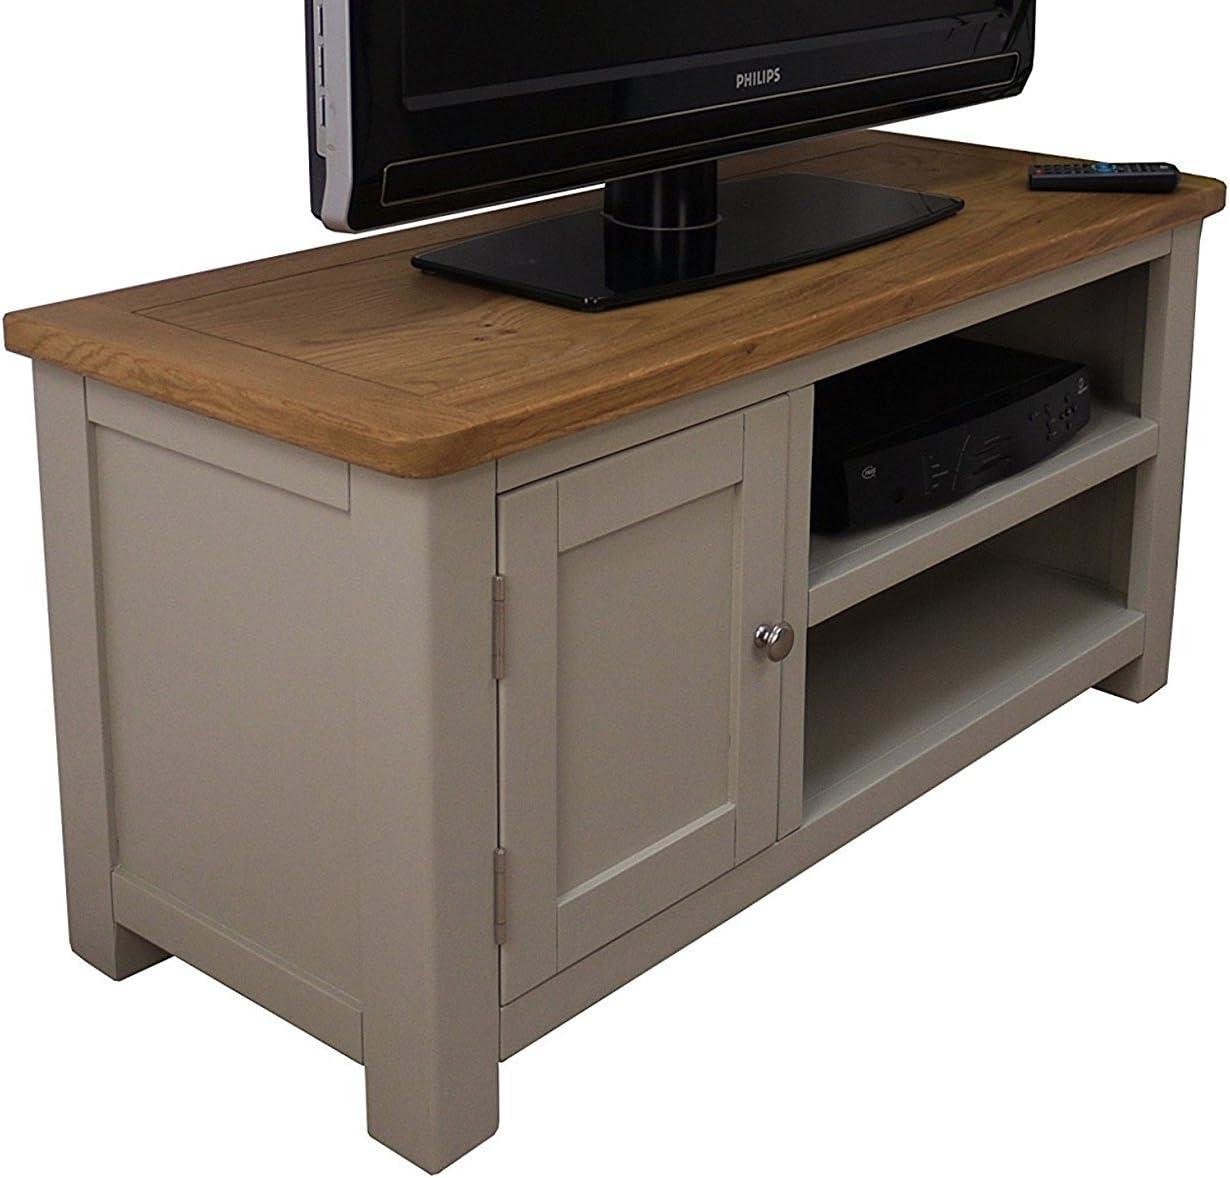 Windermere elefantes aliento pintado pequeño TV unidad de DVD/TV de Plasma soporte con armario/gris pintado a muebles: Amazon.es: Hogar